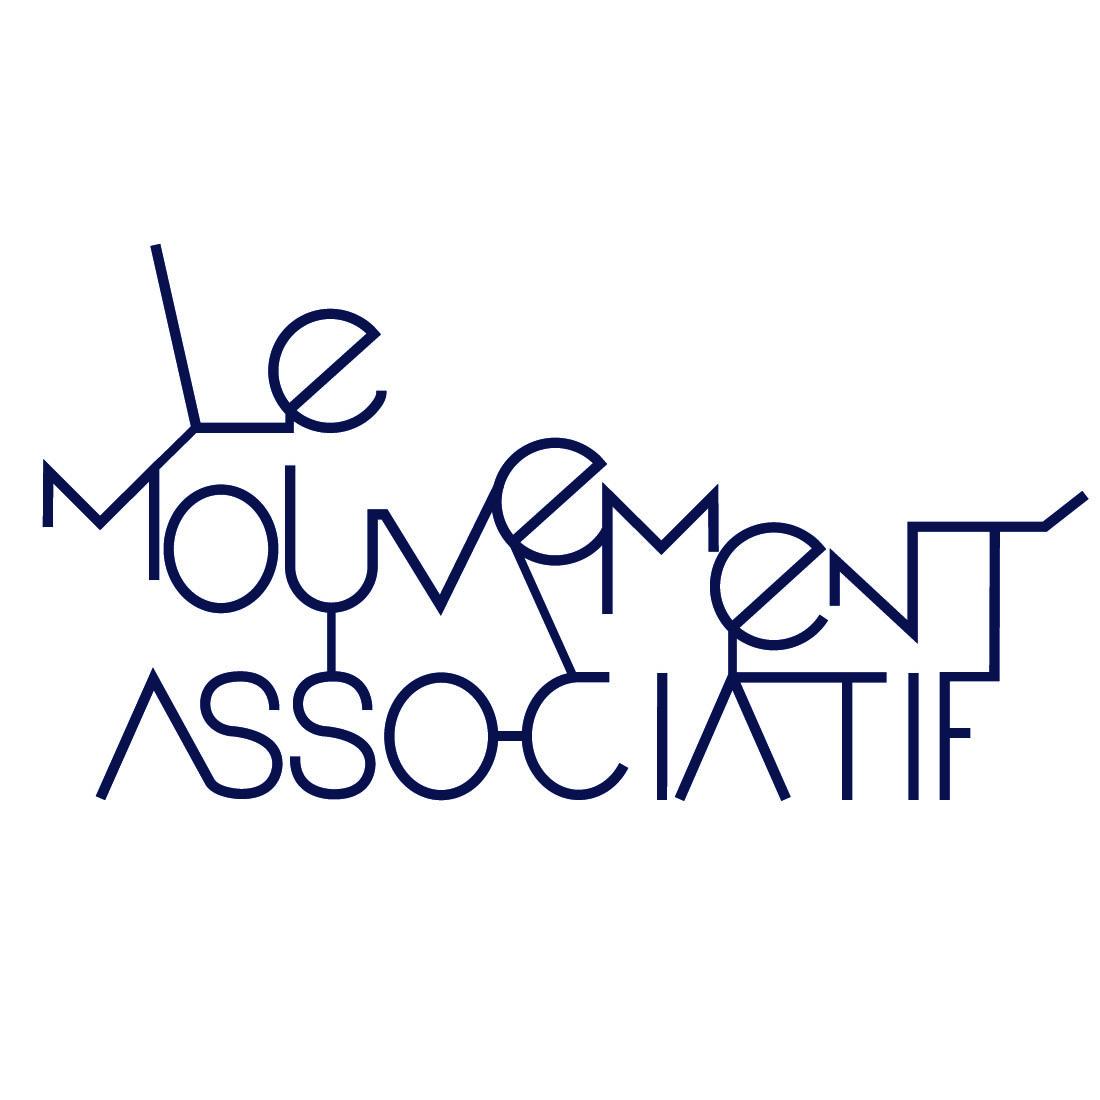 Statuts du Mouvement associatif